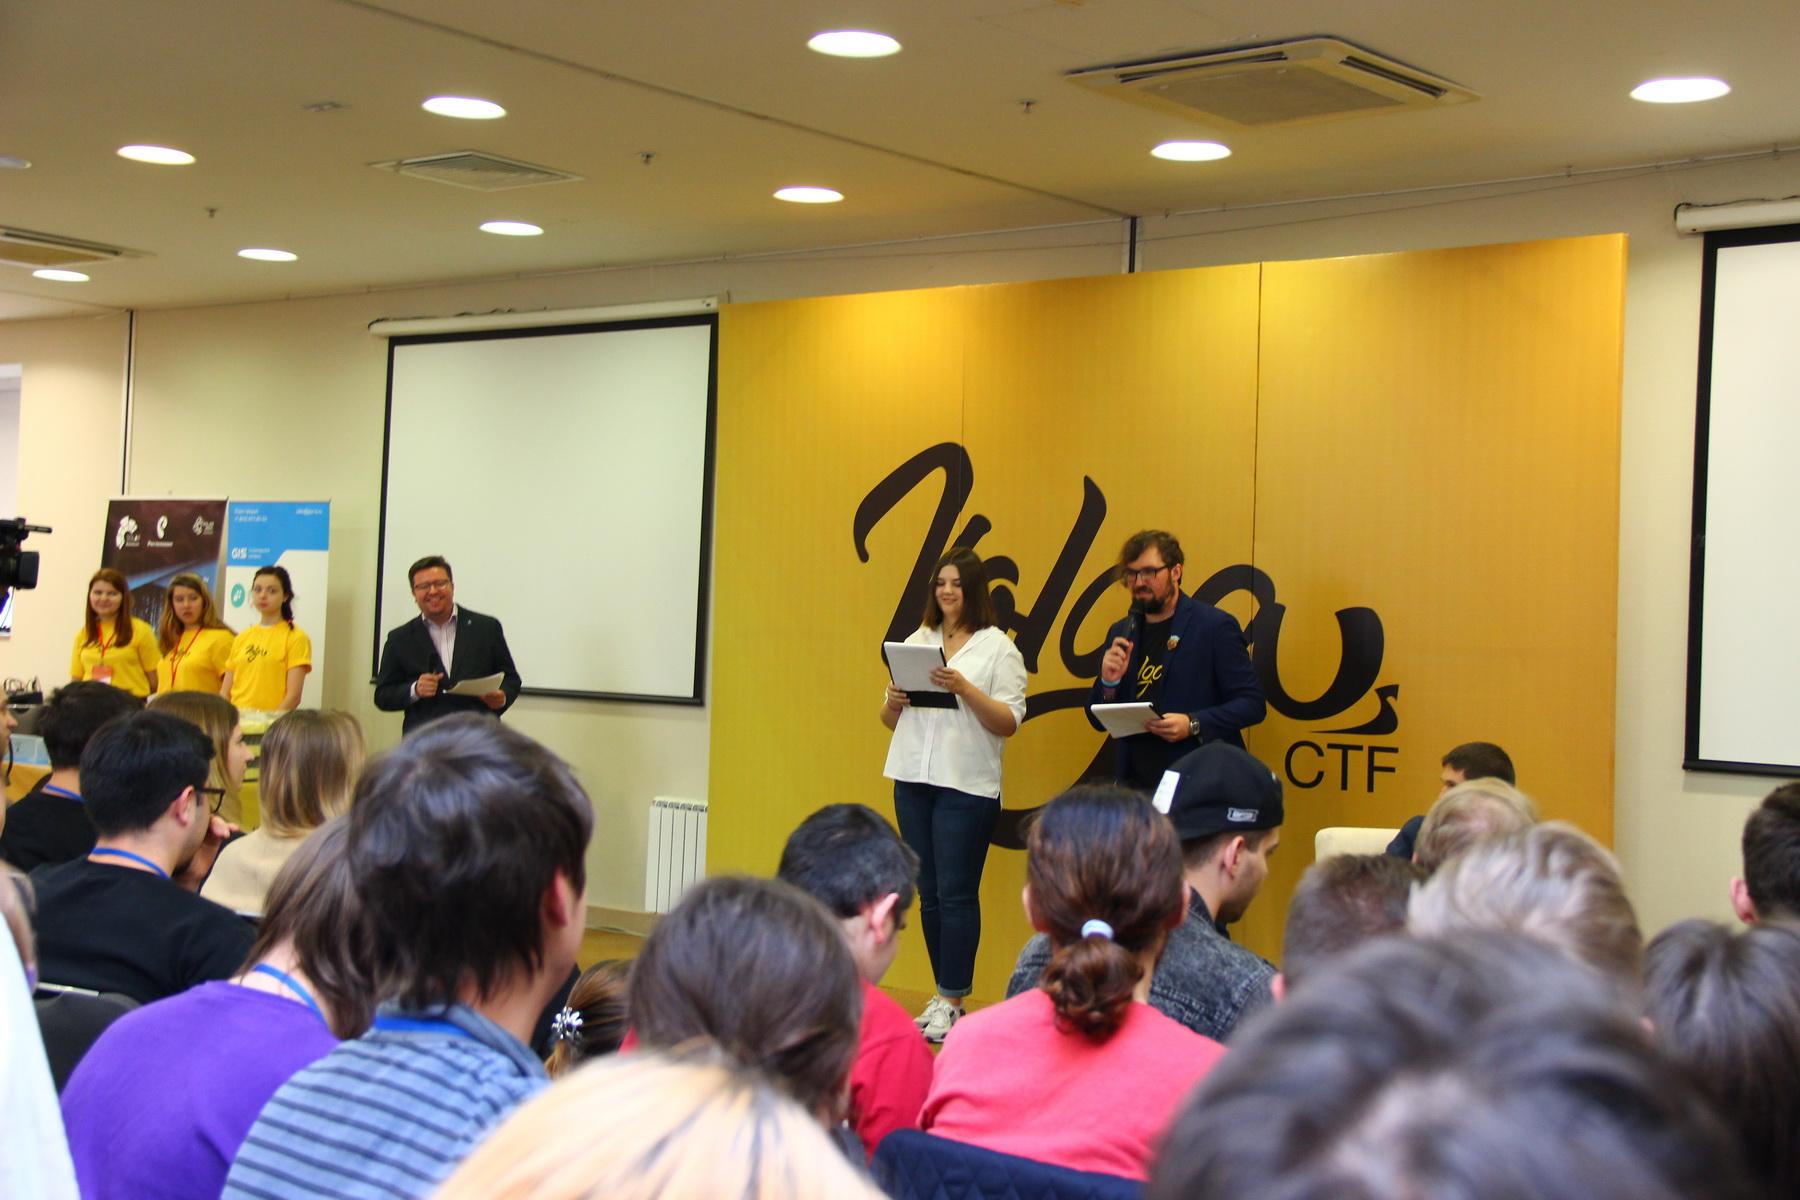 Завершились международные открытые соревнования VolgaCTF